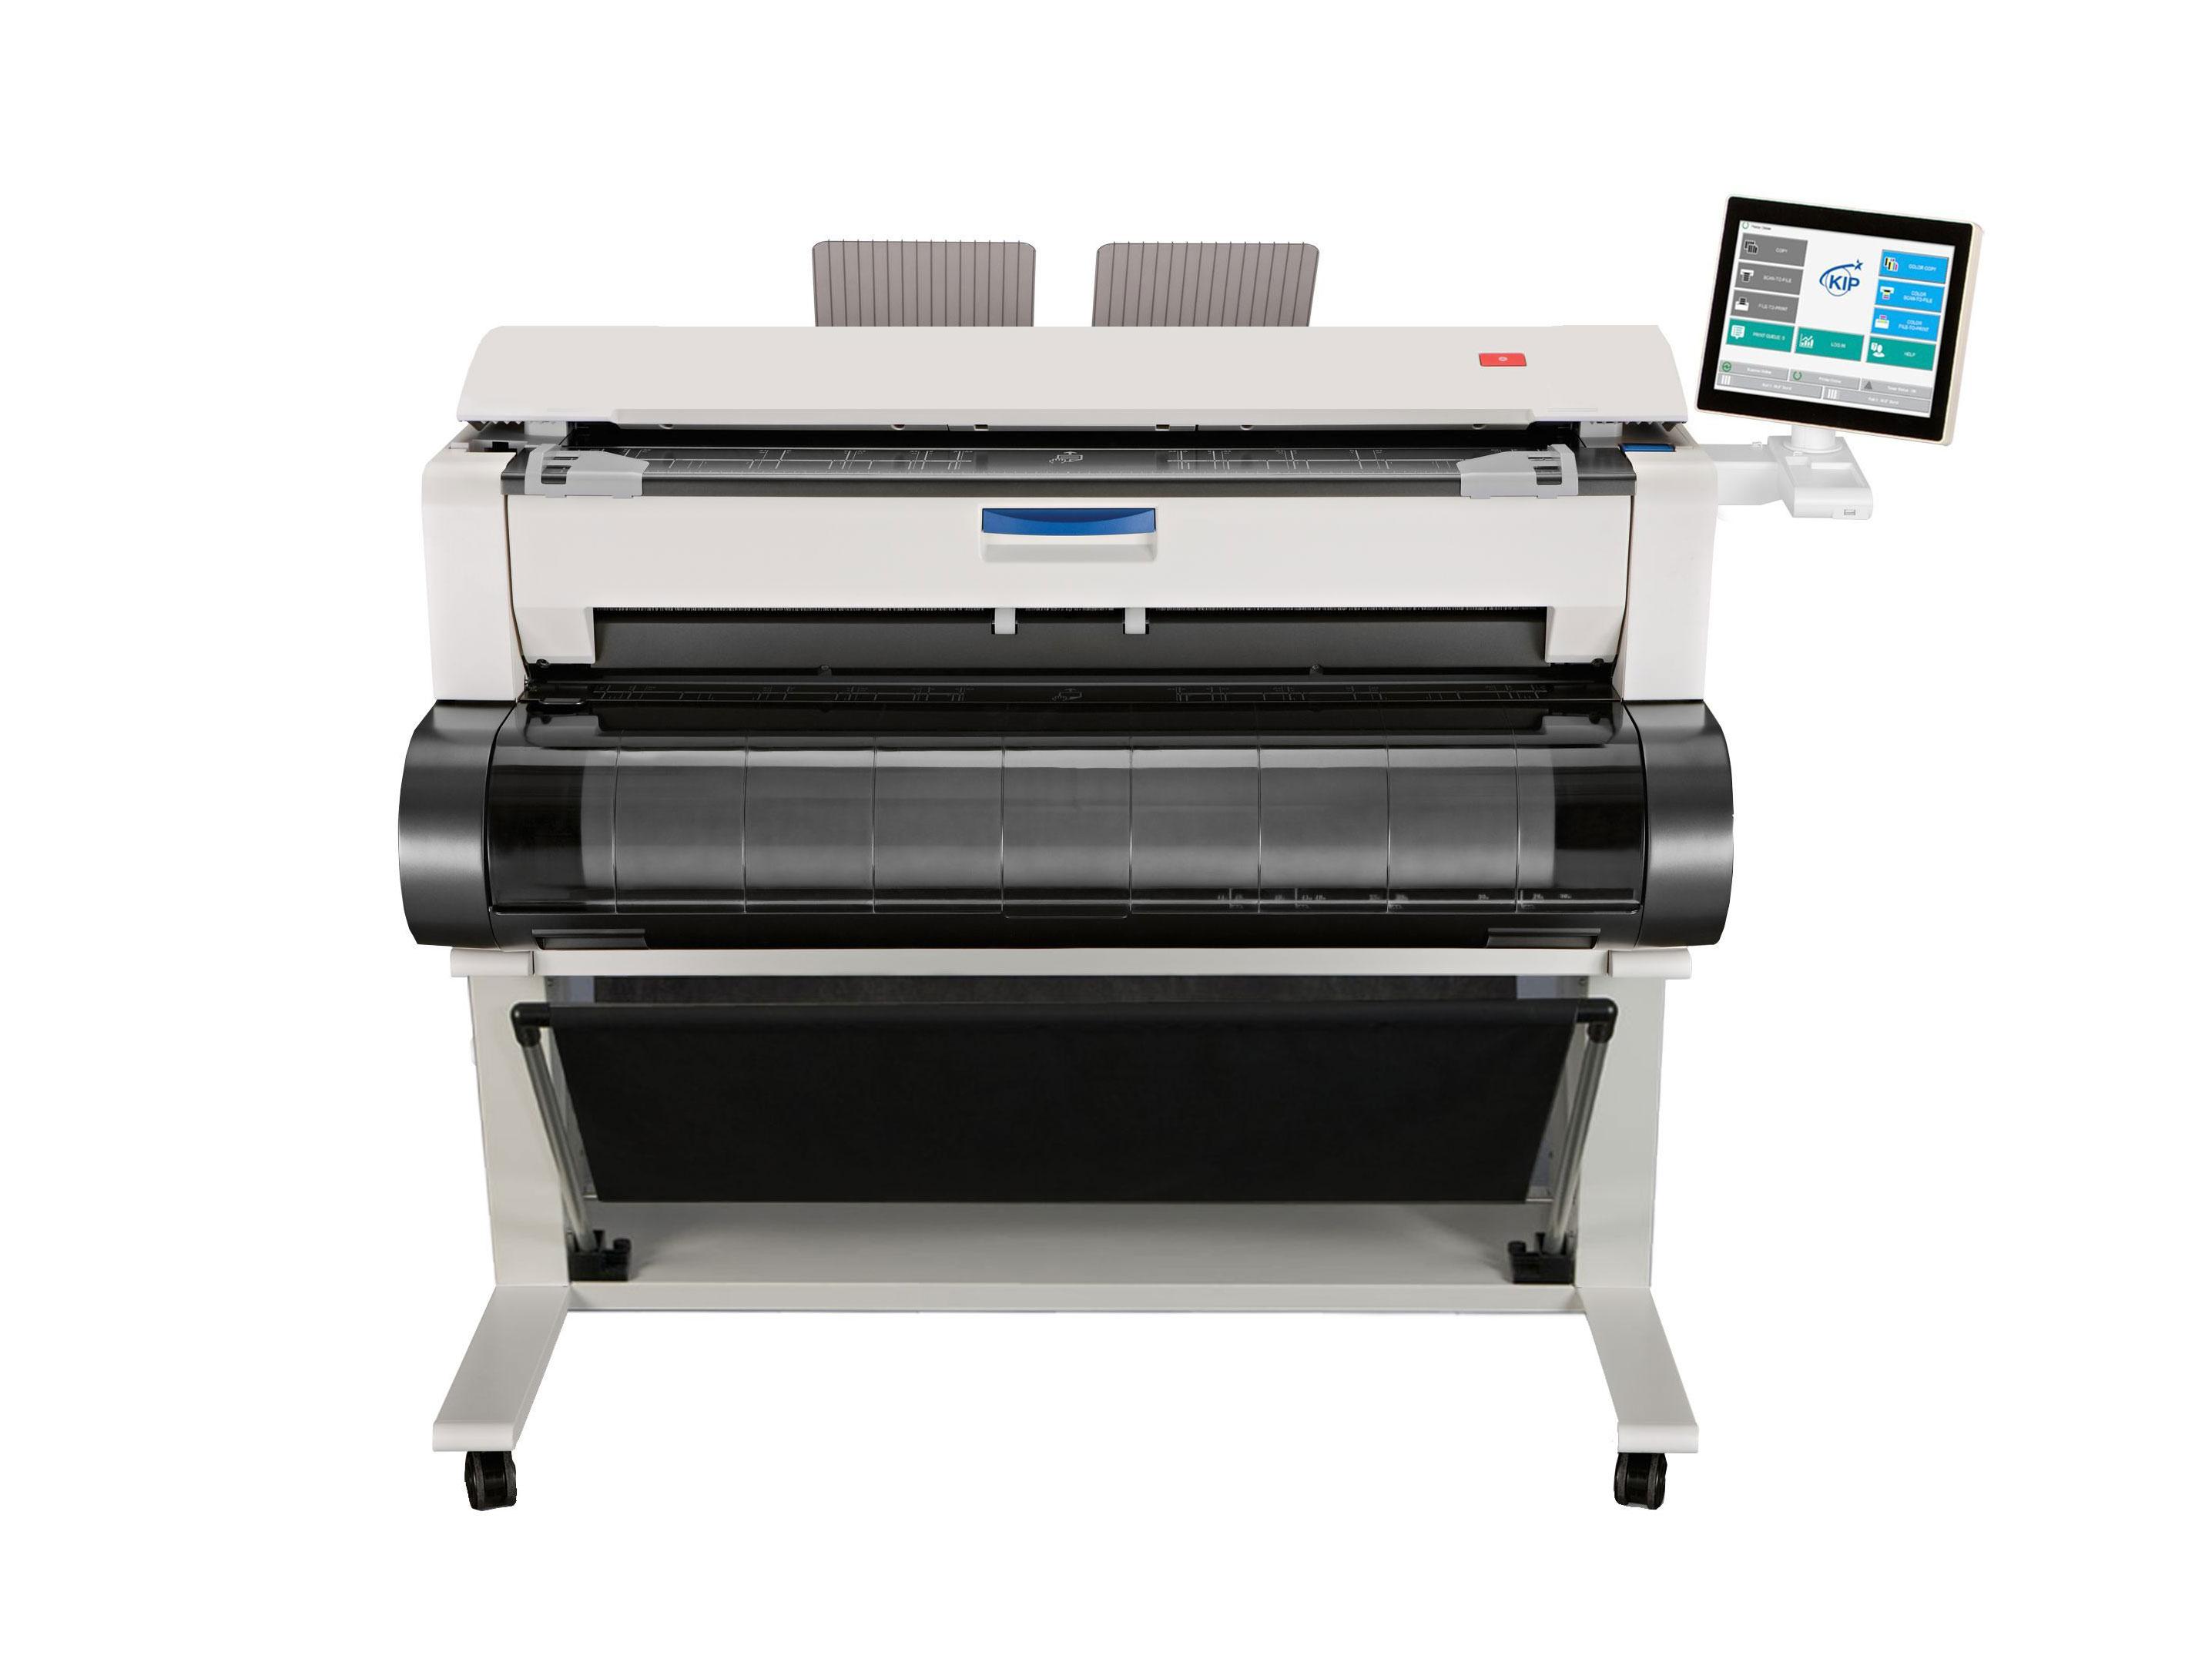 Fotocopiadora Kip 700 usada